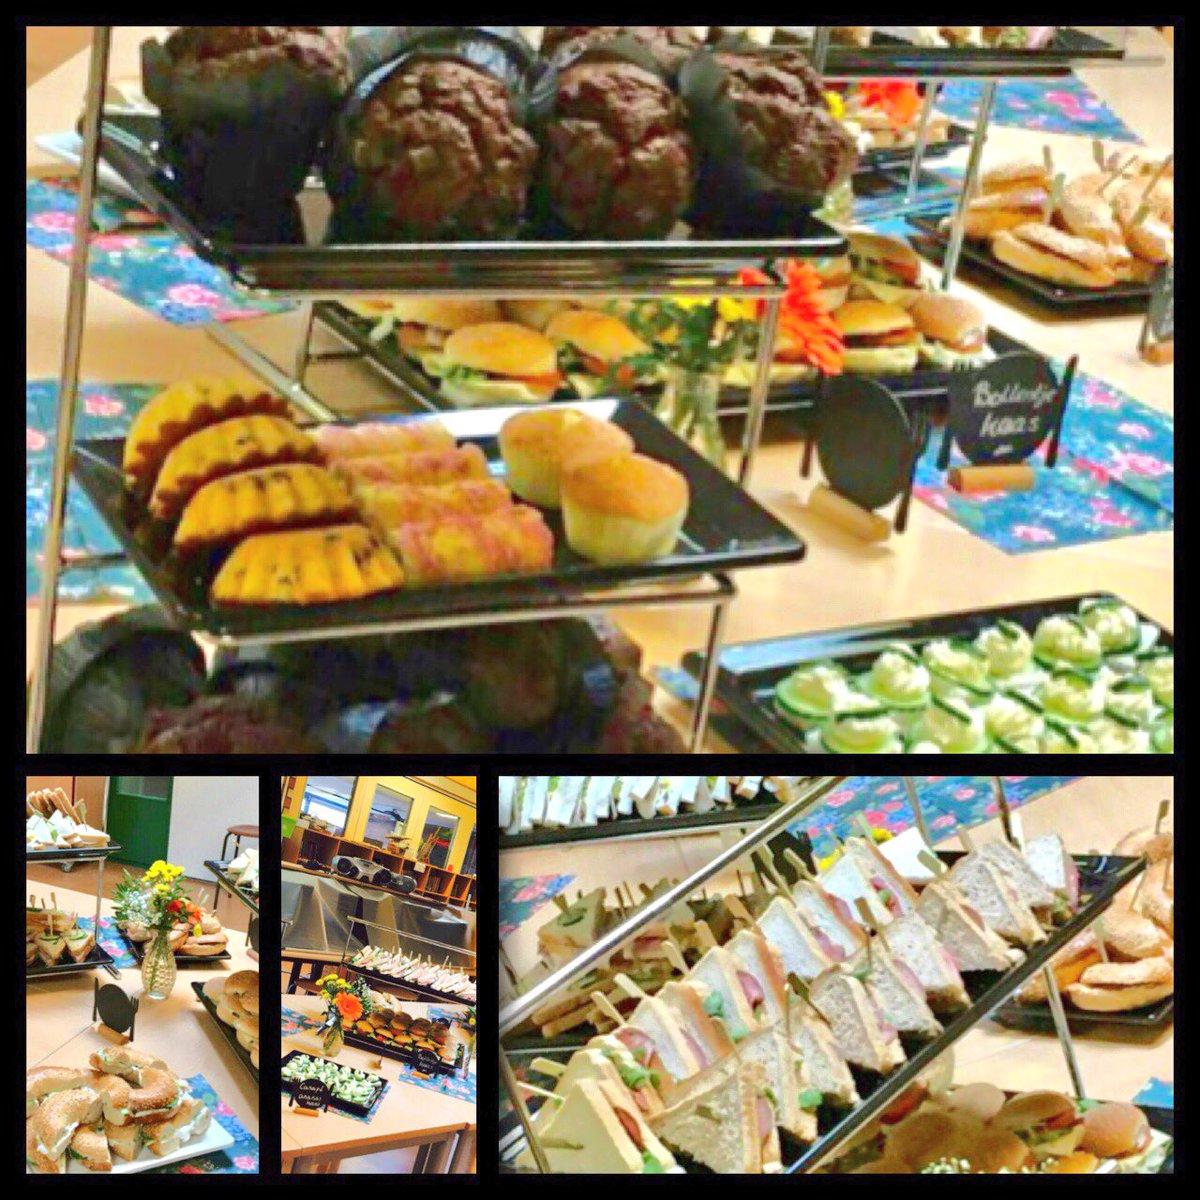 Vandaag weer een lekker High Tea buffet verzorgd op locatie. Ja inderdaad dat doen wij ook. #hightea #partyregelaar